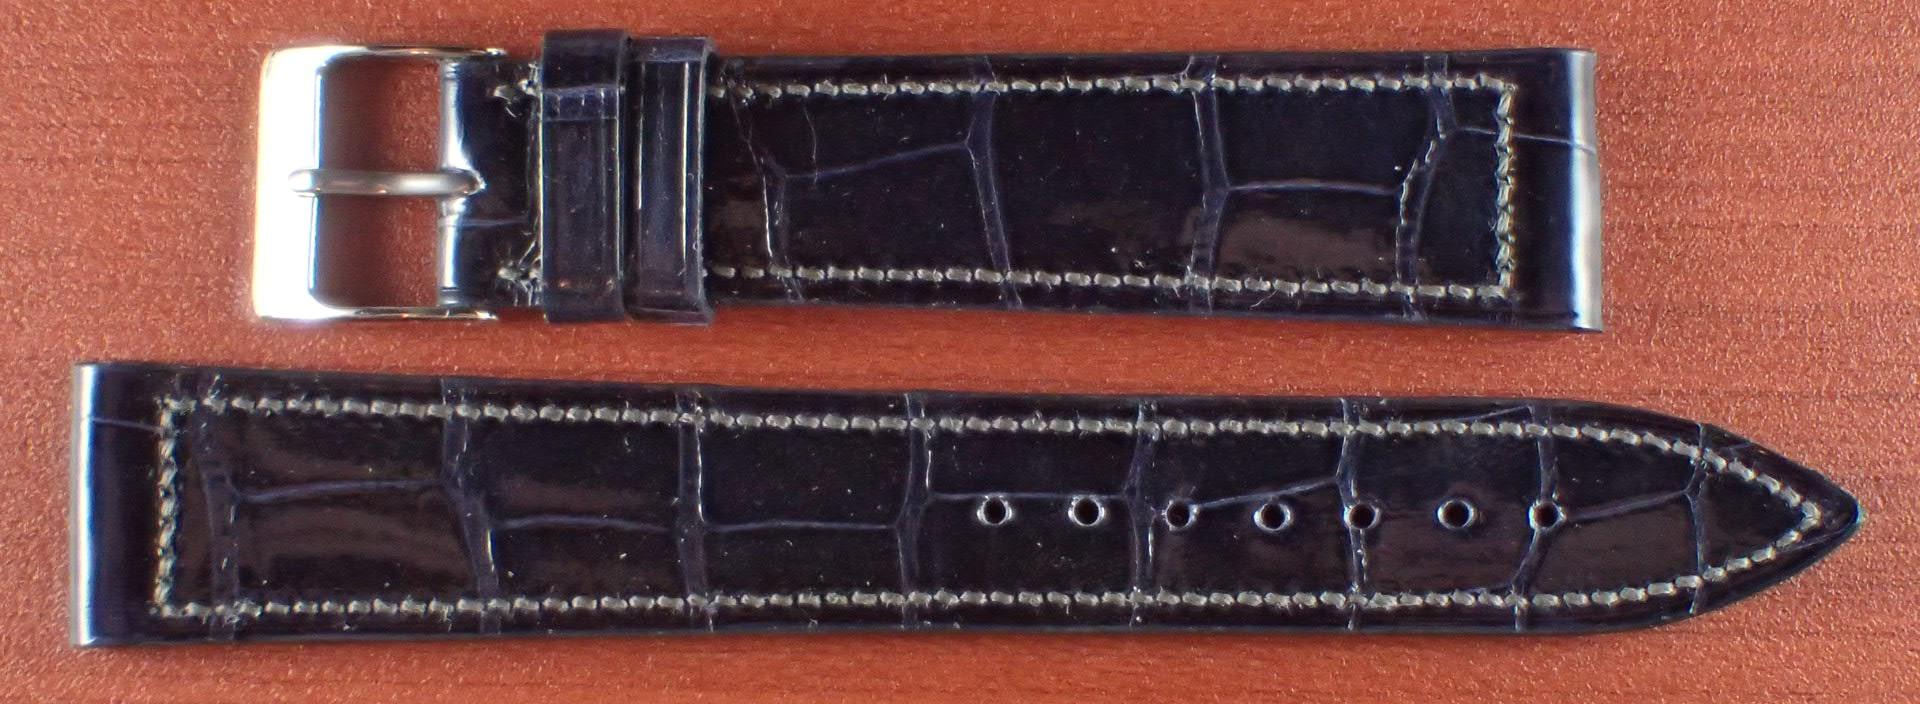 ジャン・クロード ペラン革ベルト クロコダイル ネイビー(シャイニー)18mm